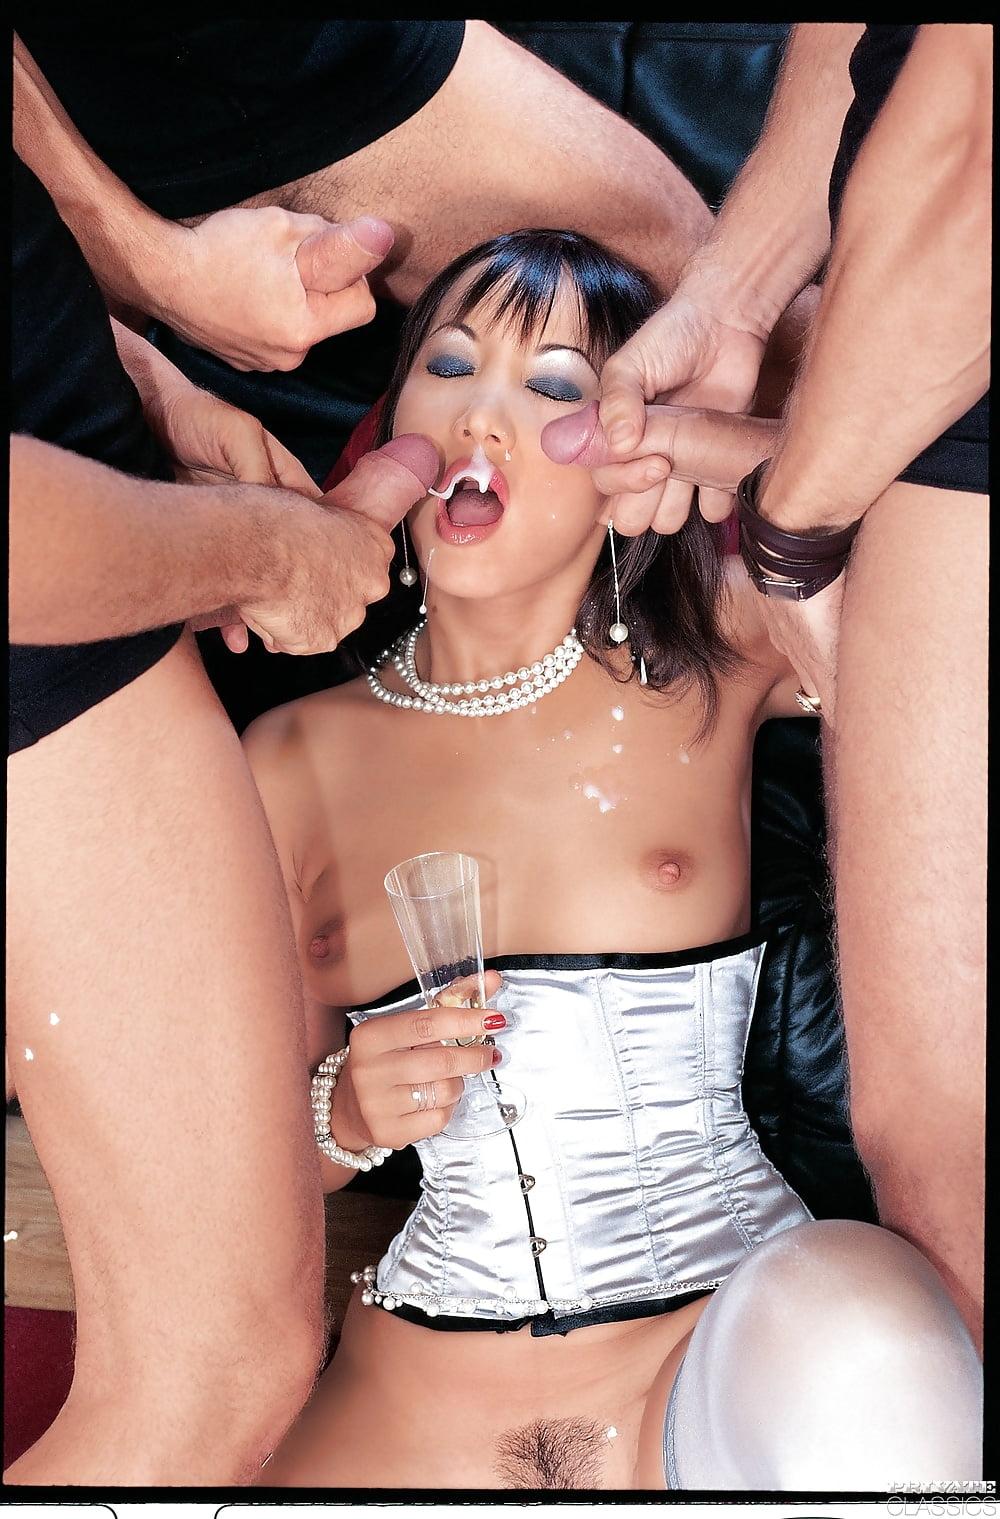 Порно звезда катсуми участвует в жестком групповом порно, фото волгоградских девчонок